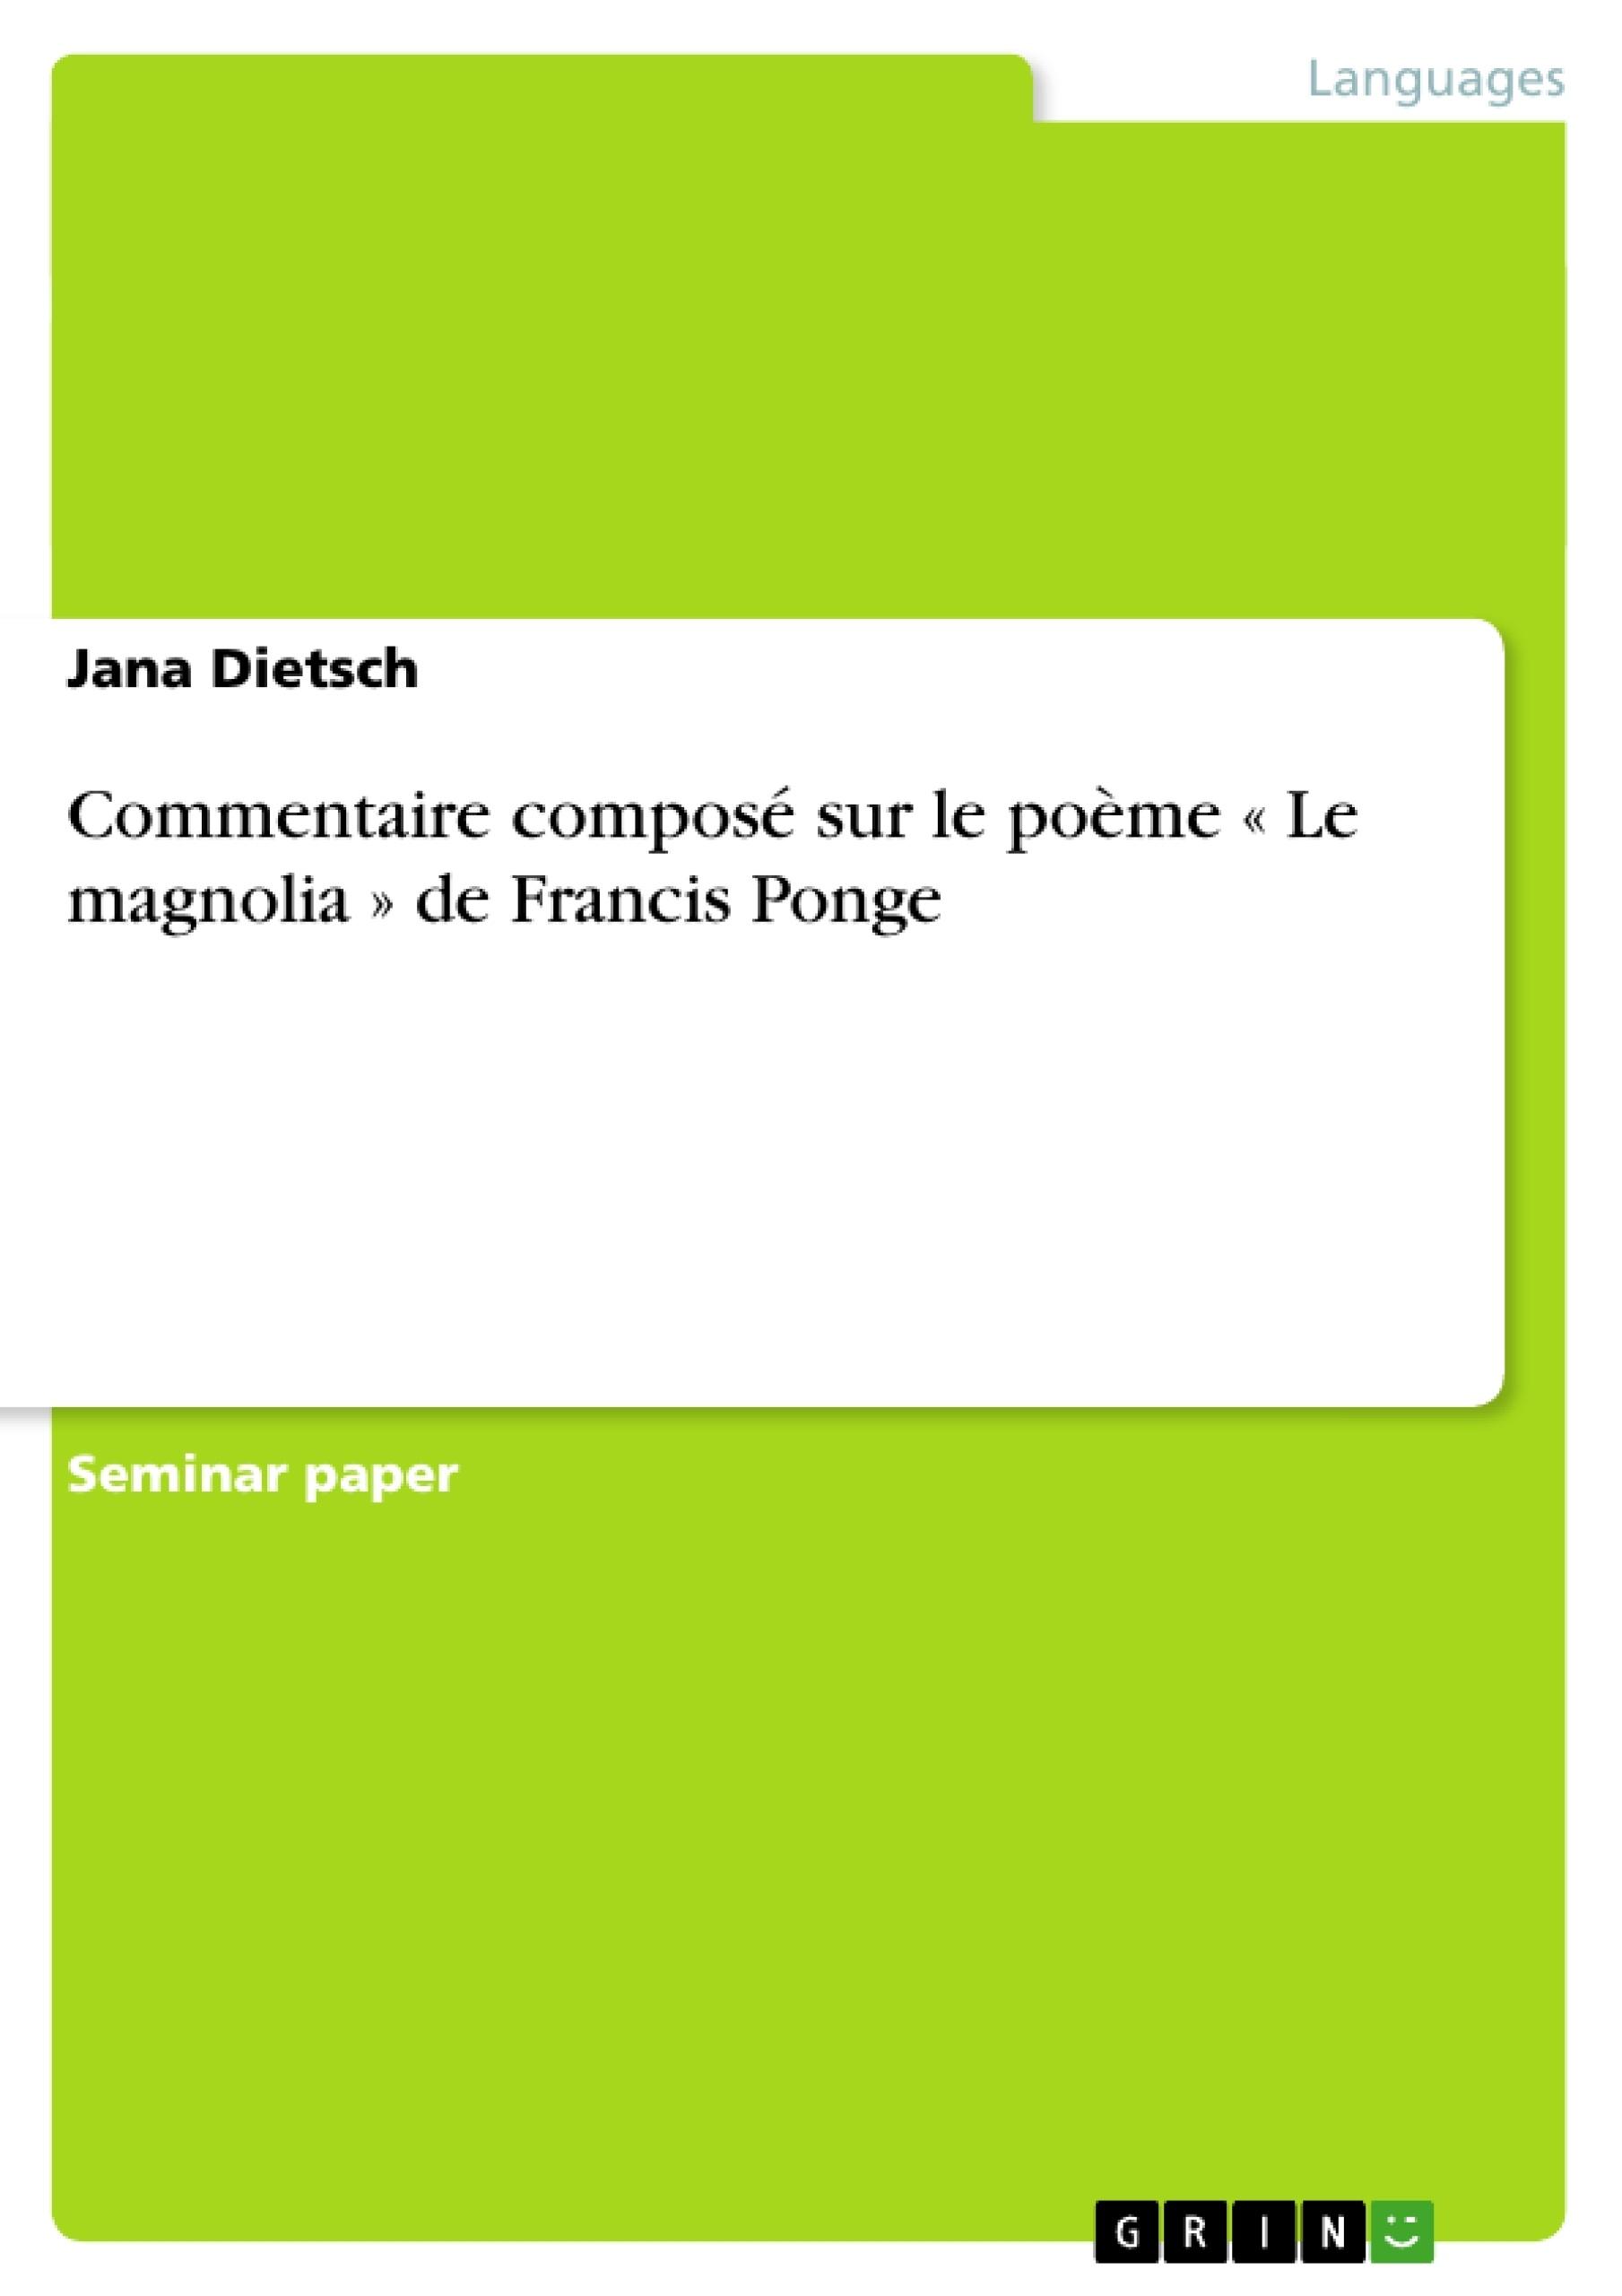 Titre: Commentaire composé sur le poème « Le magnolia » de Francis Ponge